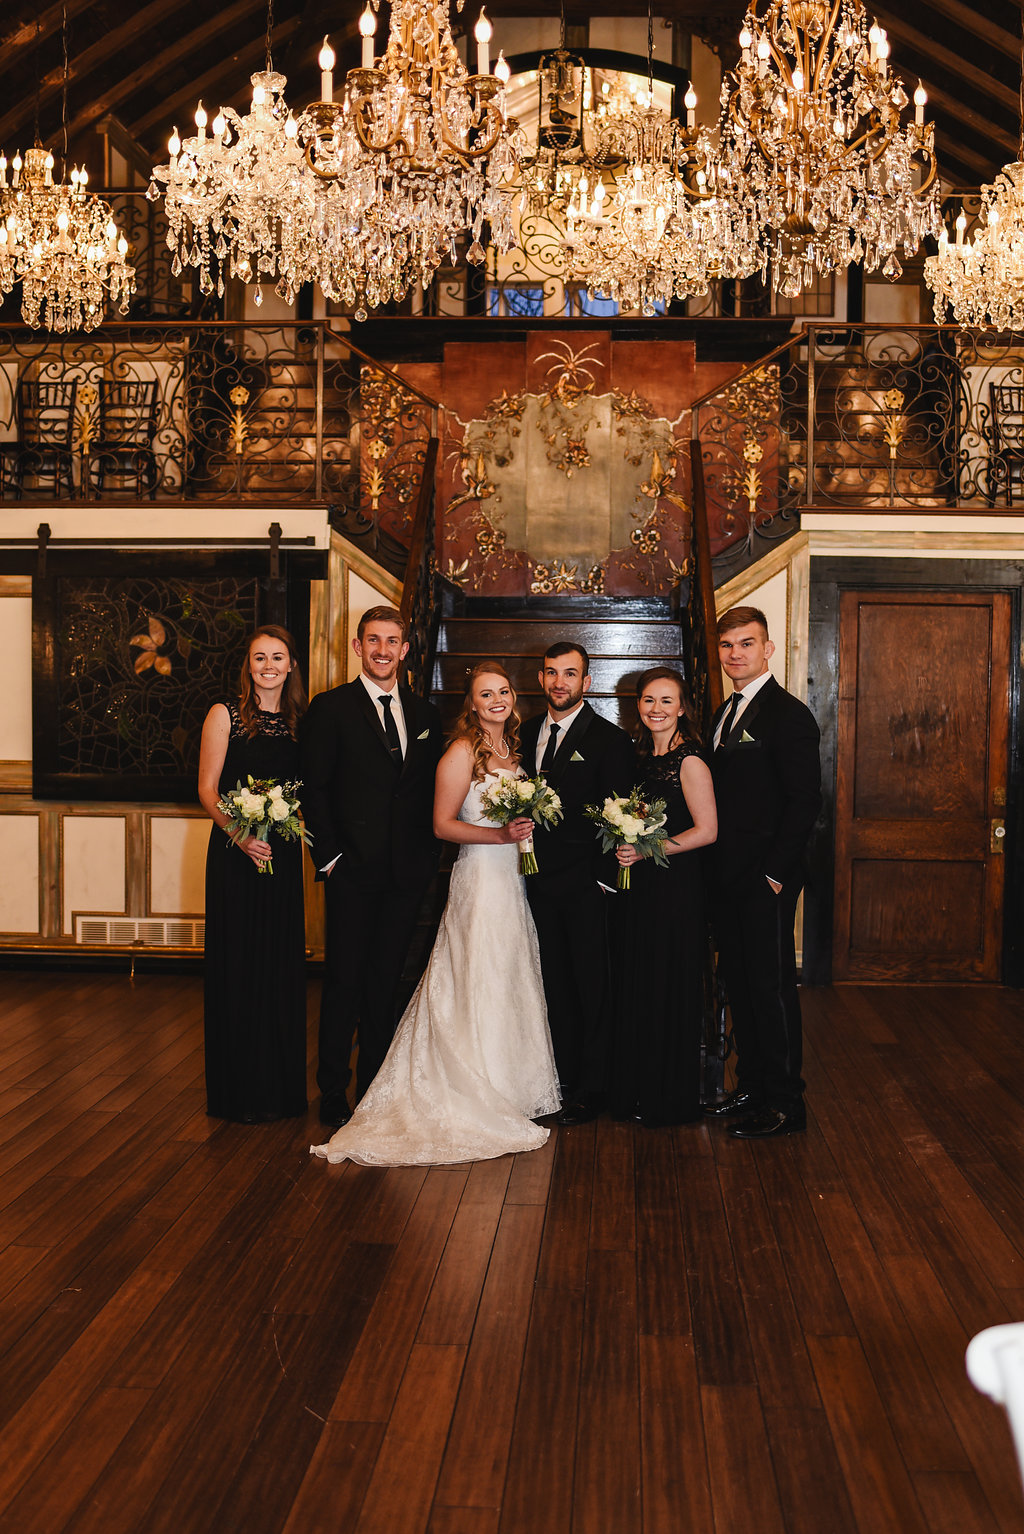 Romantic Wedding ceremony at Lionsgate Event Center, Colorado Wedding Photographer, Denver Wedding Photographer, Downtown Denver Wedding Photographer, Colorado Elopement Photographer, Rocky Mountain Wedding Photographer